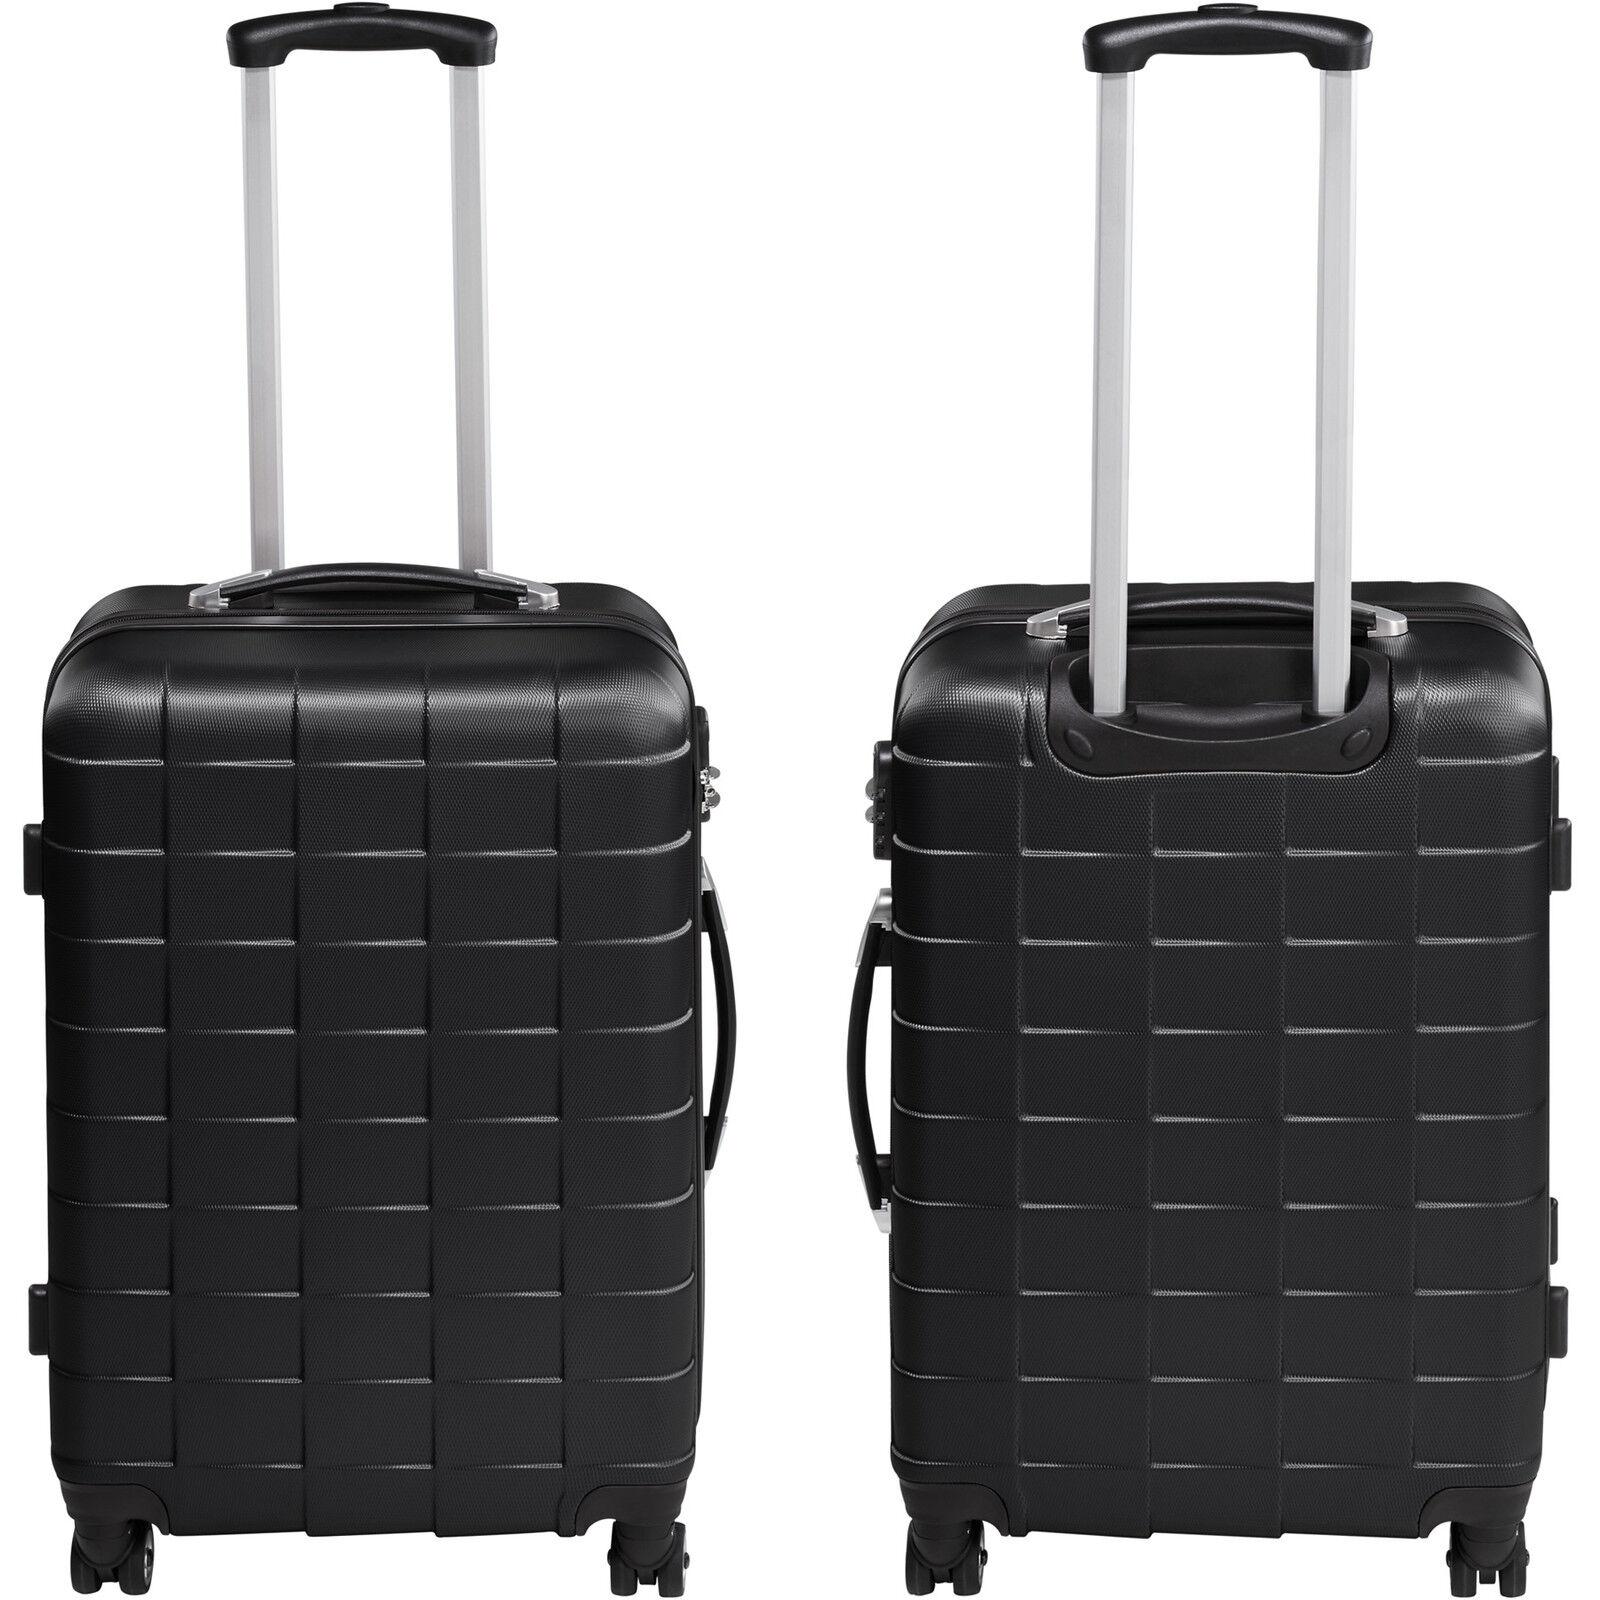 Set de 3 valises de voyage coque ABS léger rigide bagages valise trolley noir 3